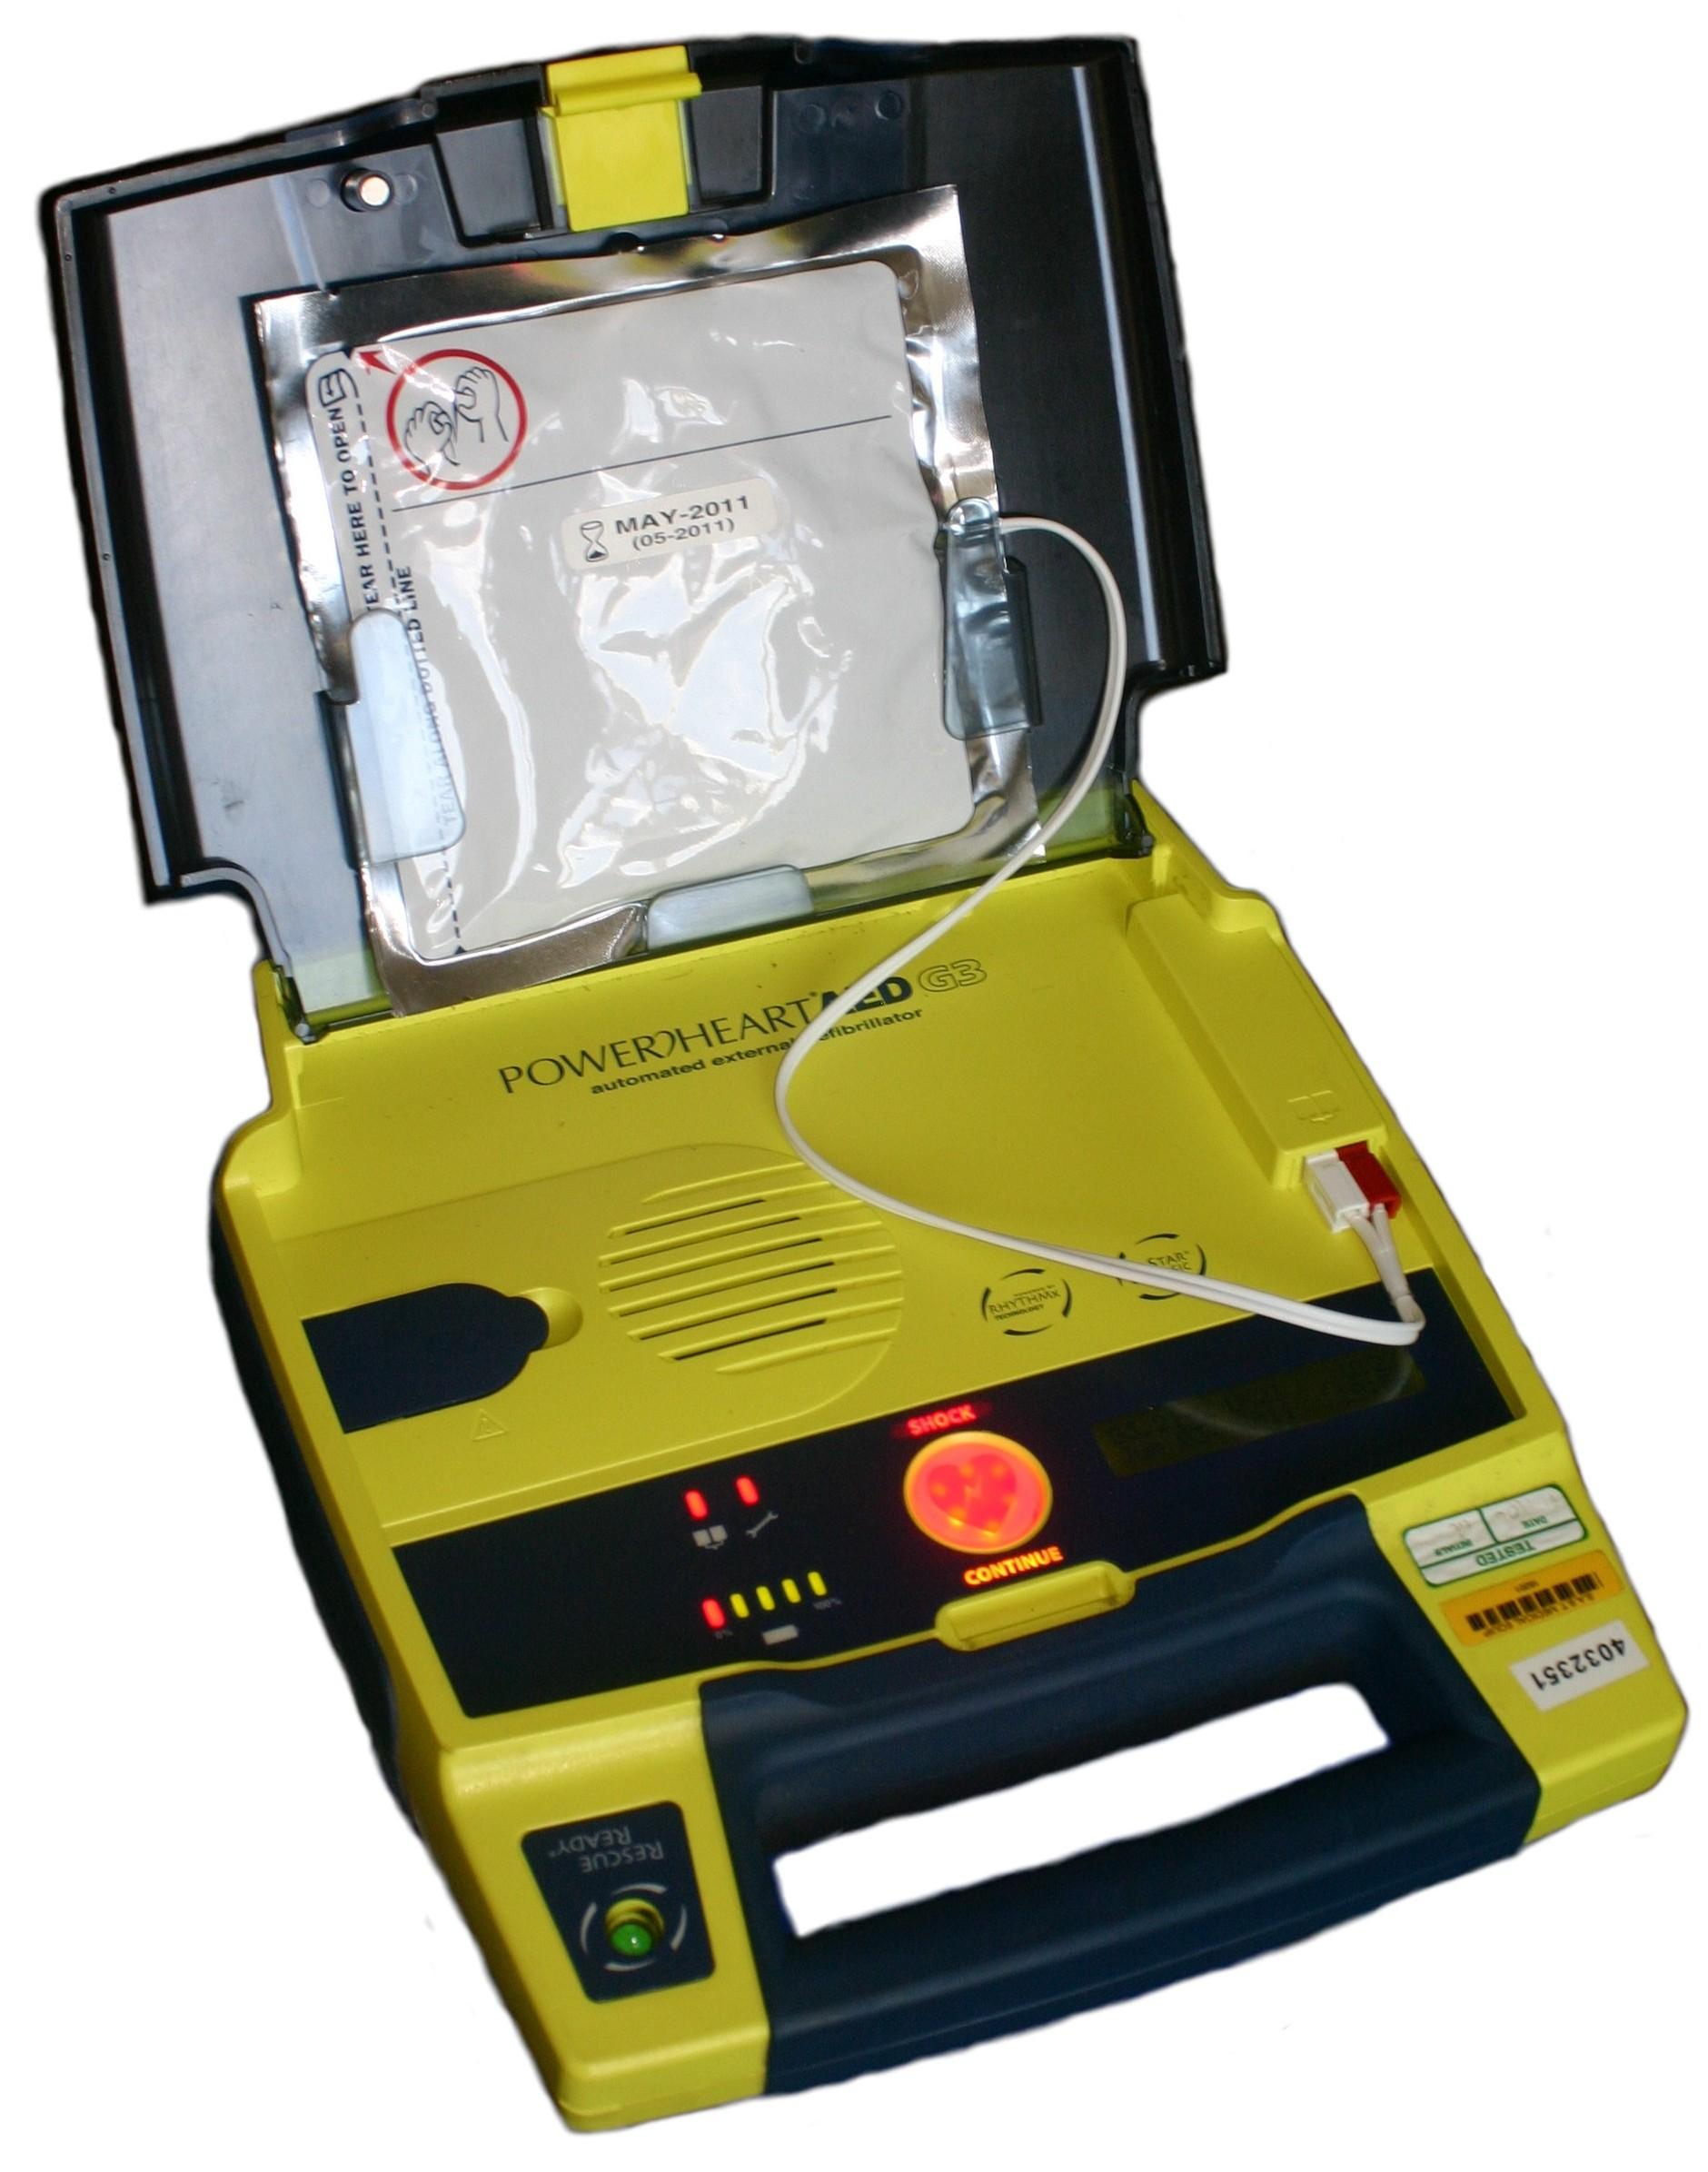 Automatický externý defibrilátor a označenie miesta, kde je uložený